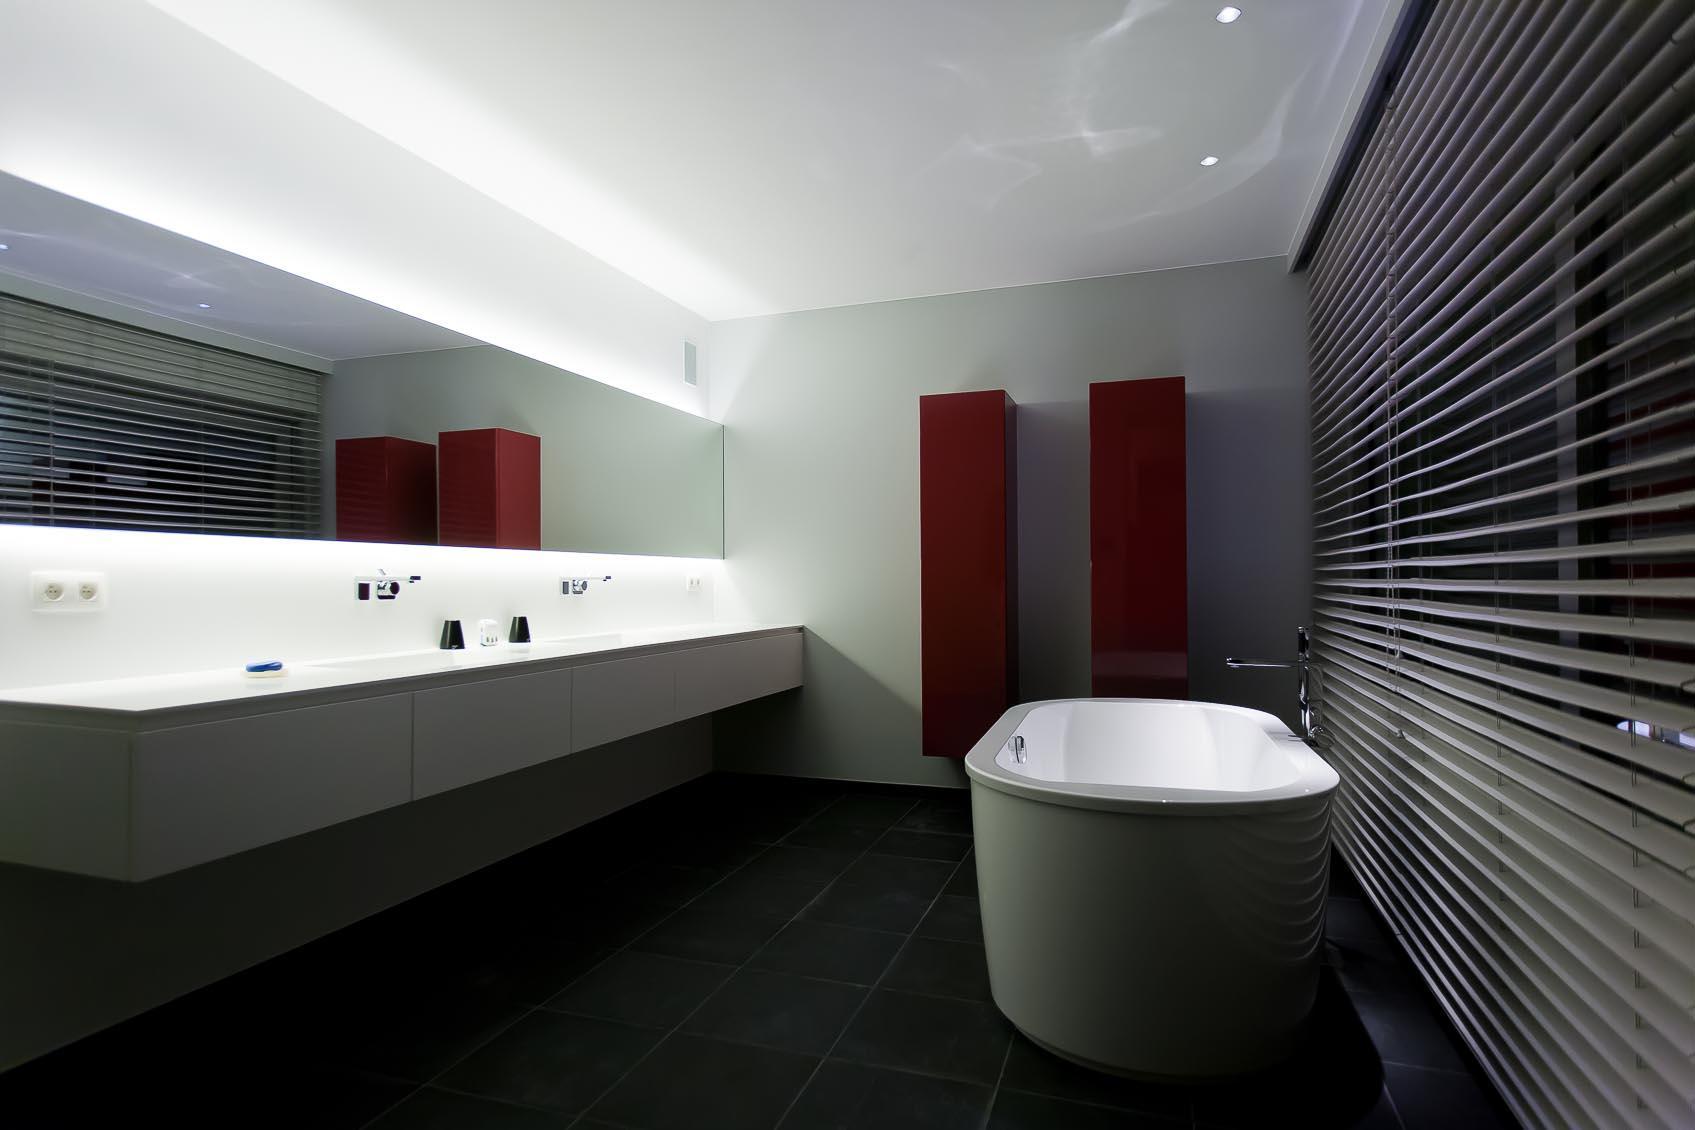 moderne strakke badkamer met indirecte led spiegelverlichting up en down